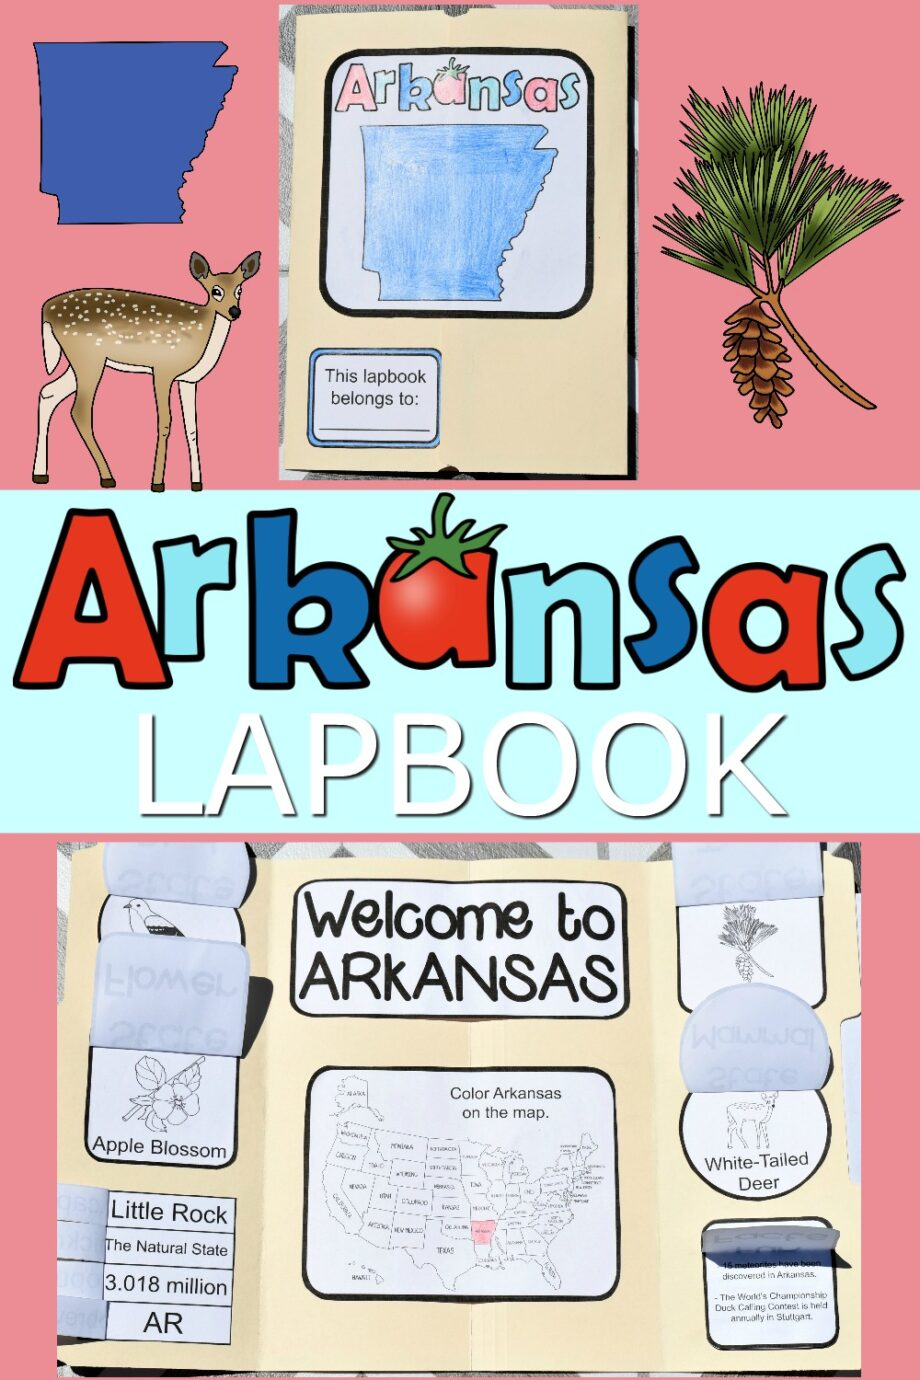 Arkansas Lapbook Elements